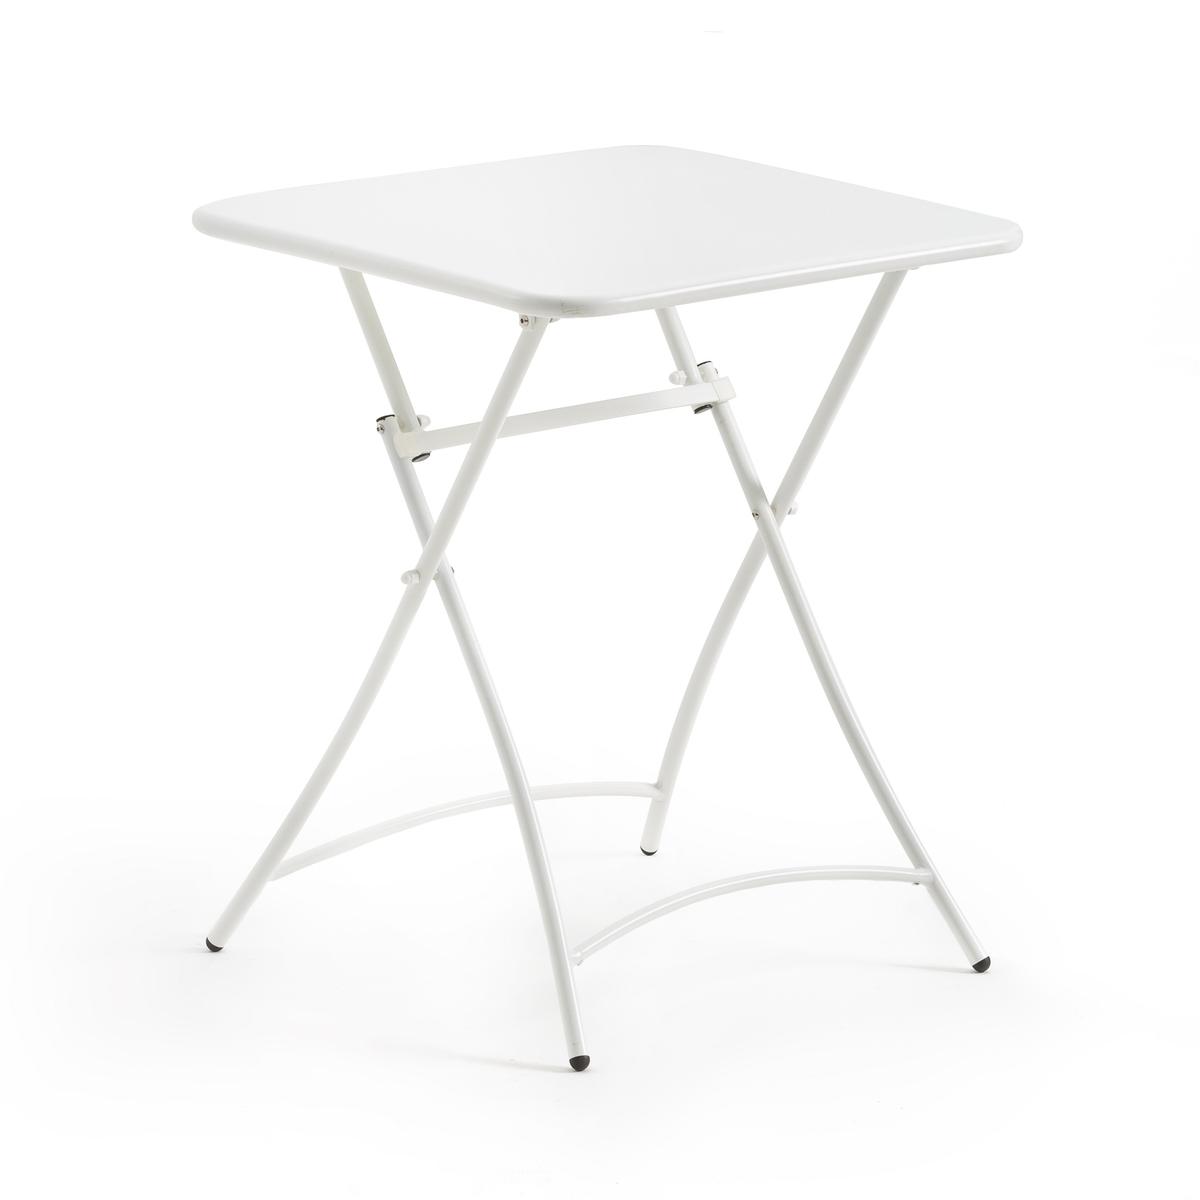 Столик складной металлический Malmo столик из металла и дерева h высота 60 см nottingham